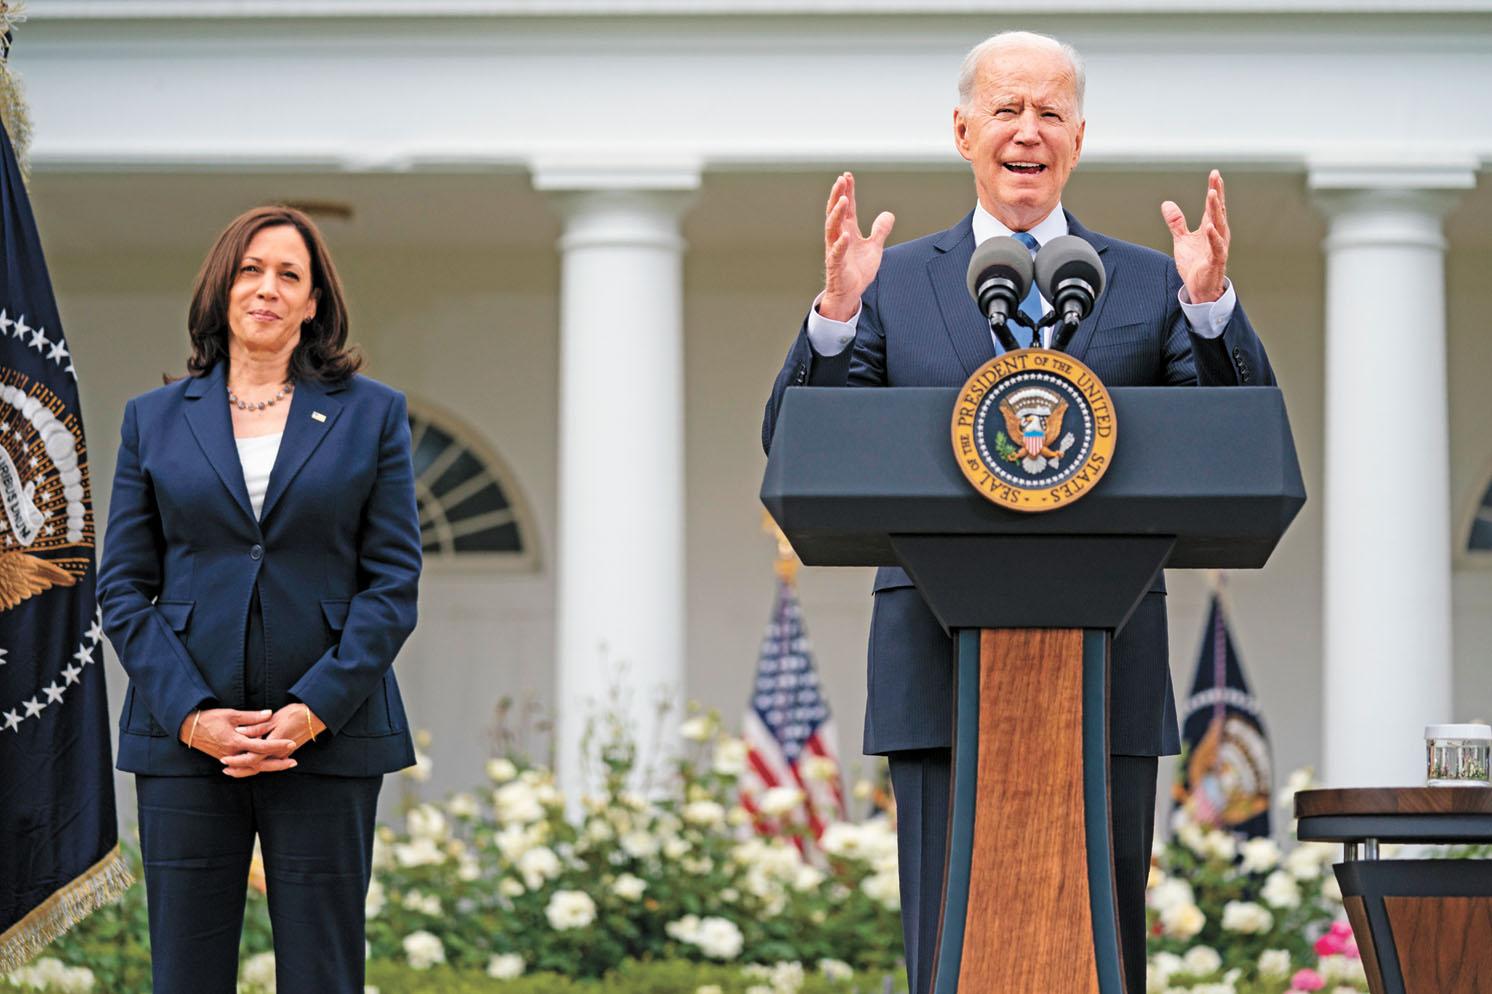 拜登13日在白宮舉行新聞發布會,稱新指南是重要里程碑,是對美國有重大意義的一天。美聯社